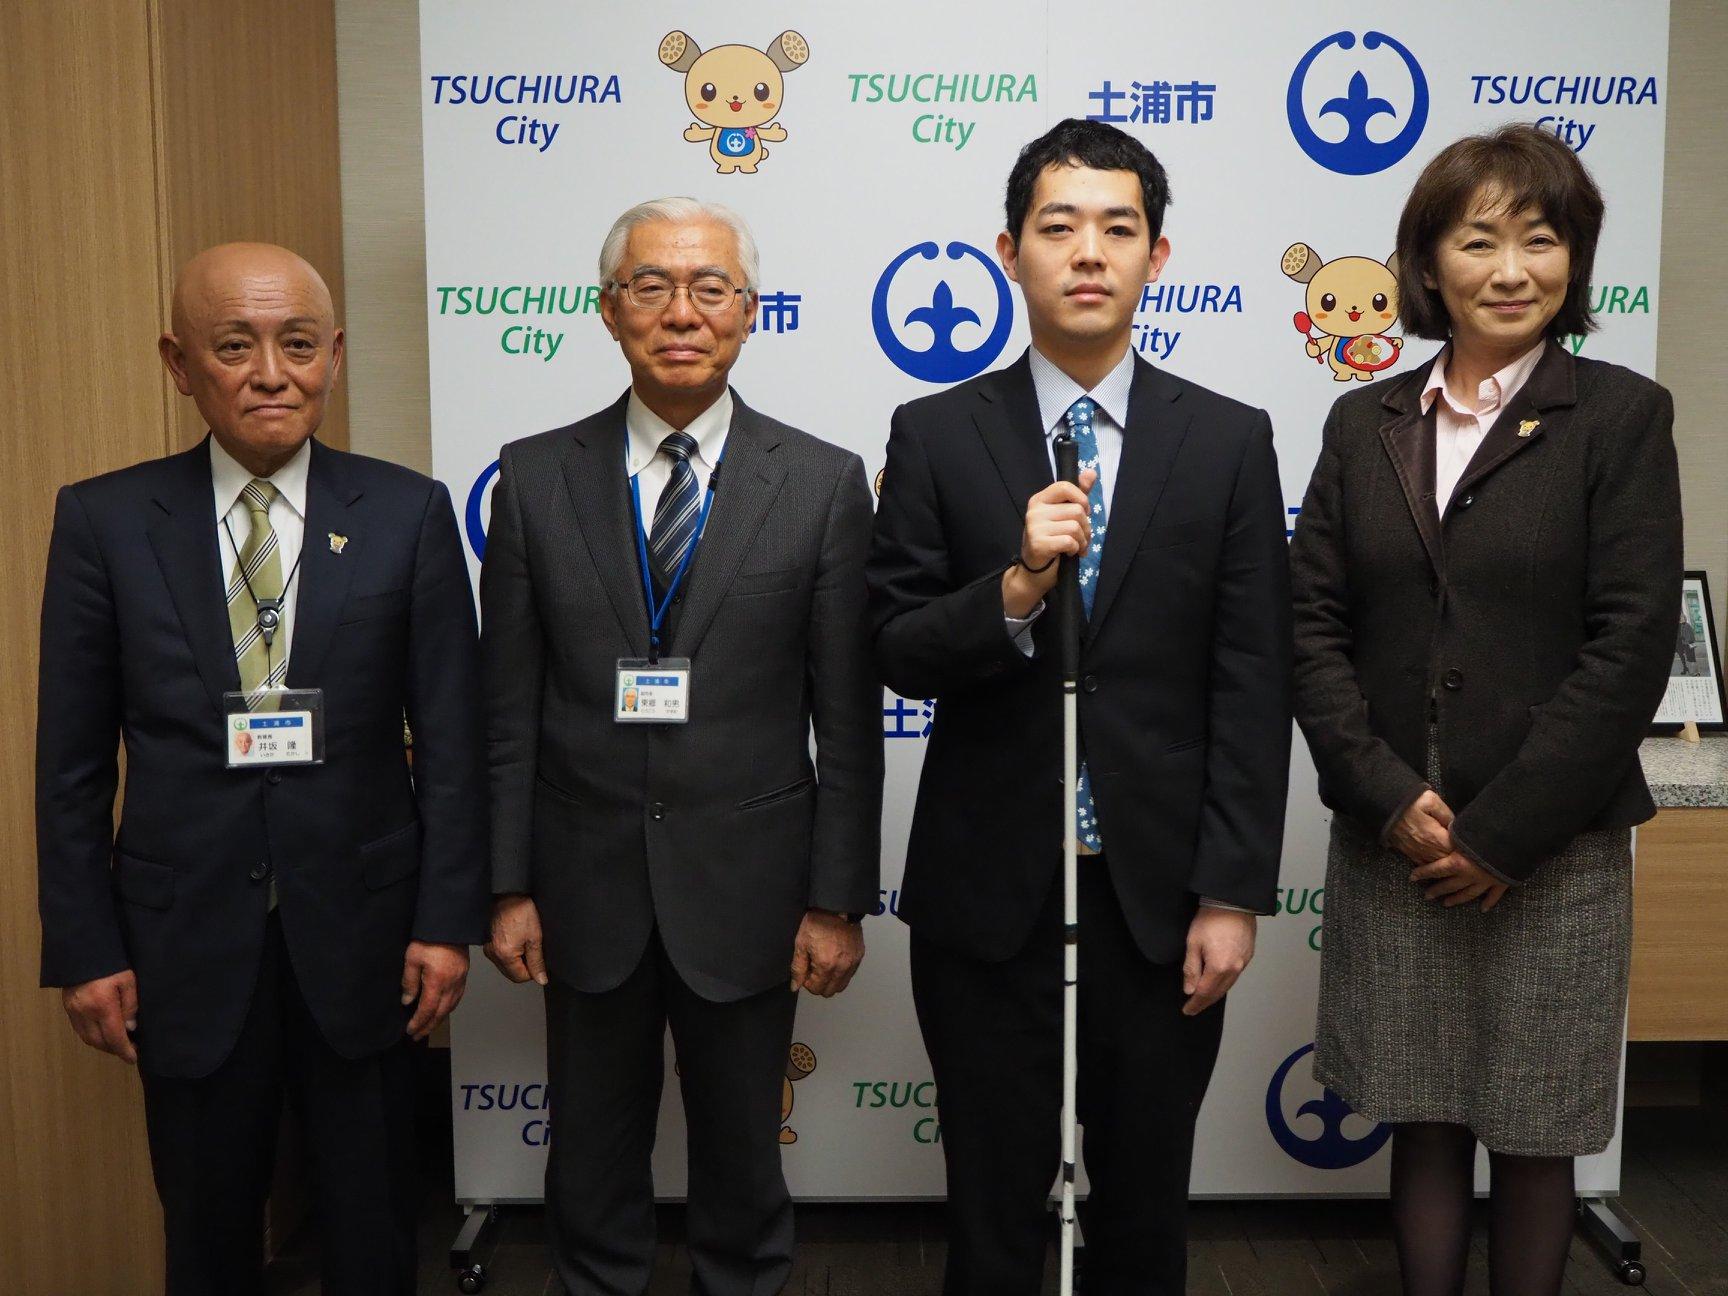 濱田祐太郎さんが訪問されました。page-visual 濱田祐太郎さんが訪問されました。ビジュアル